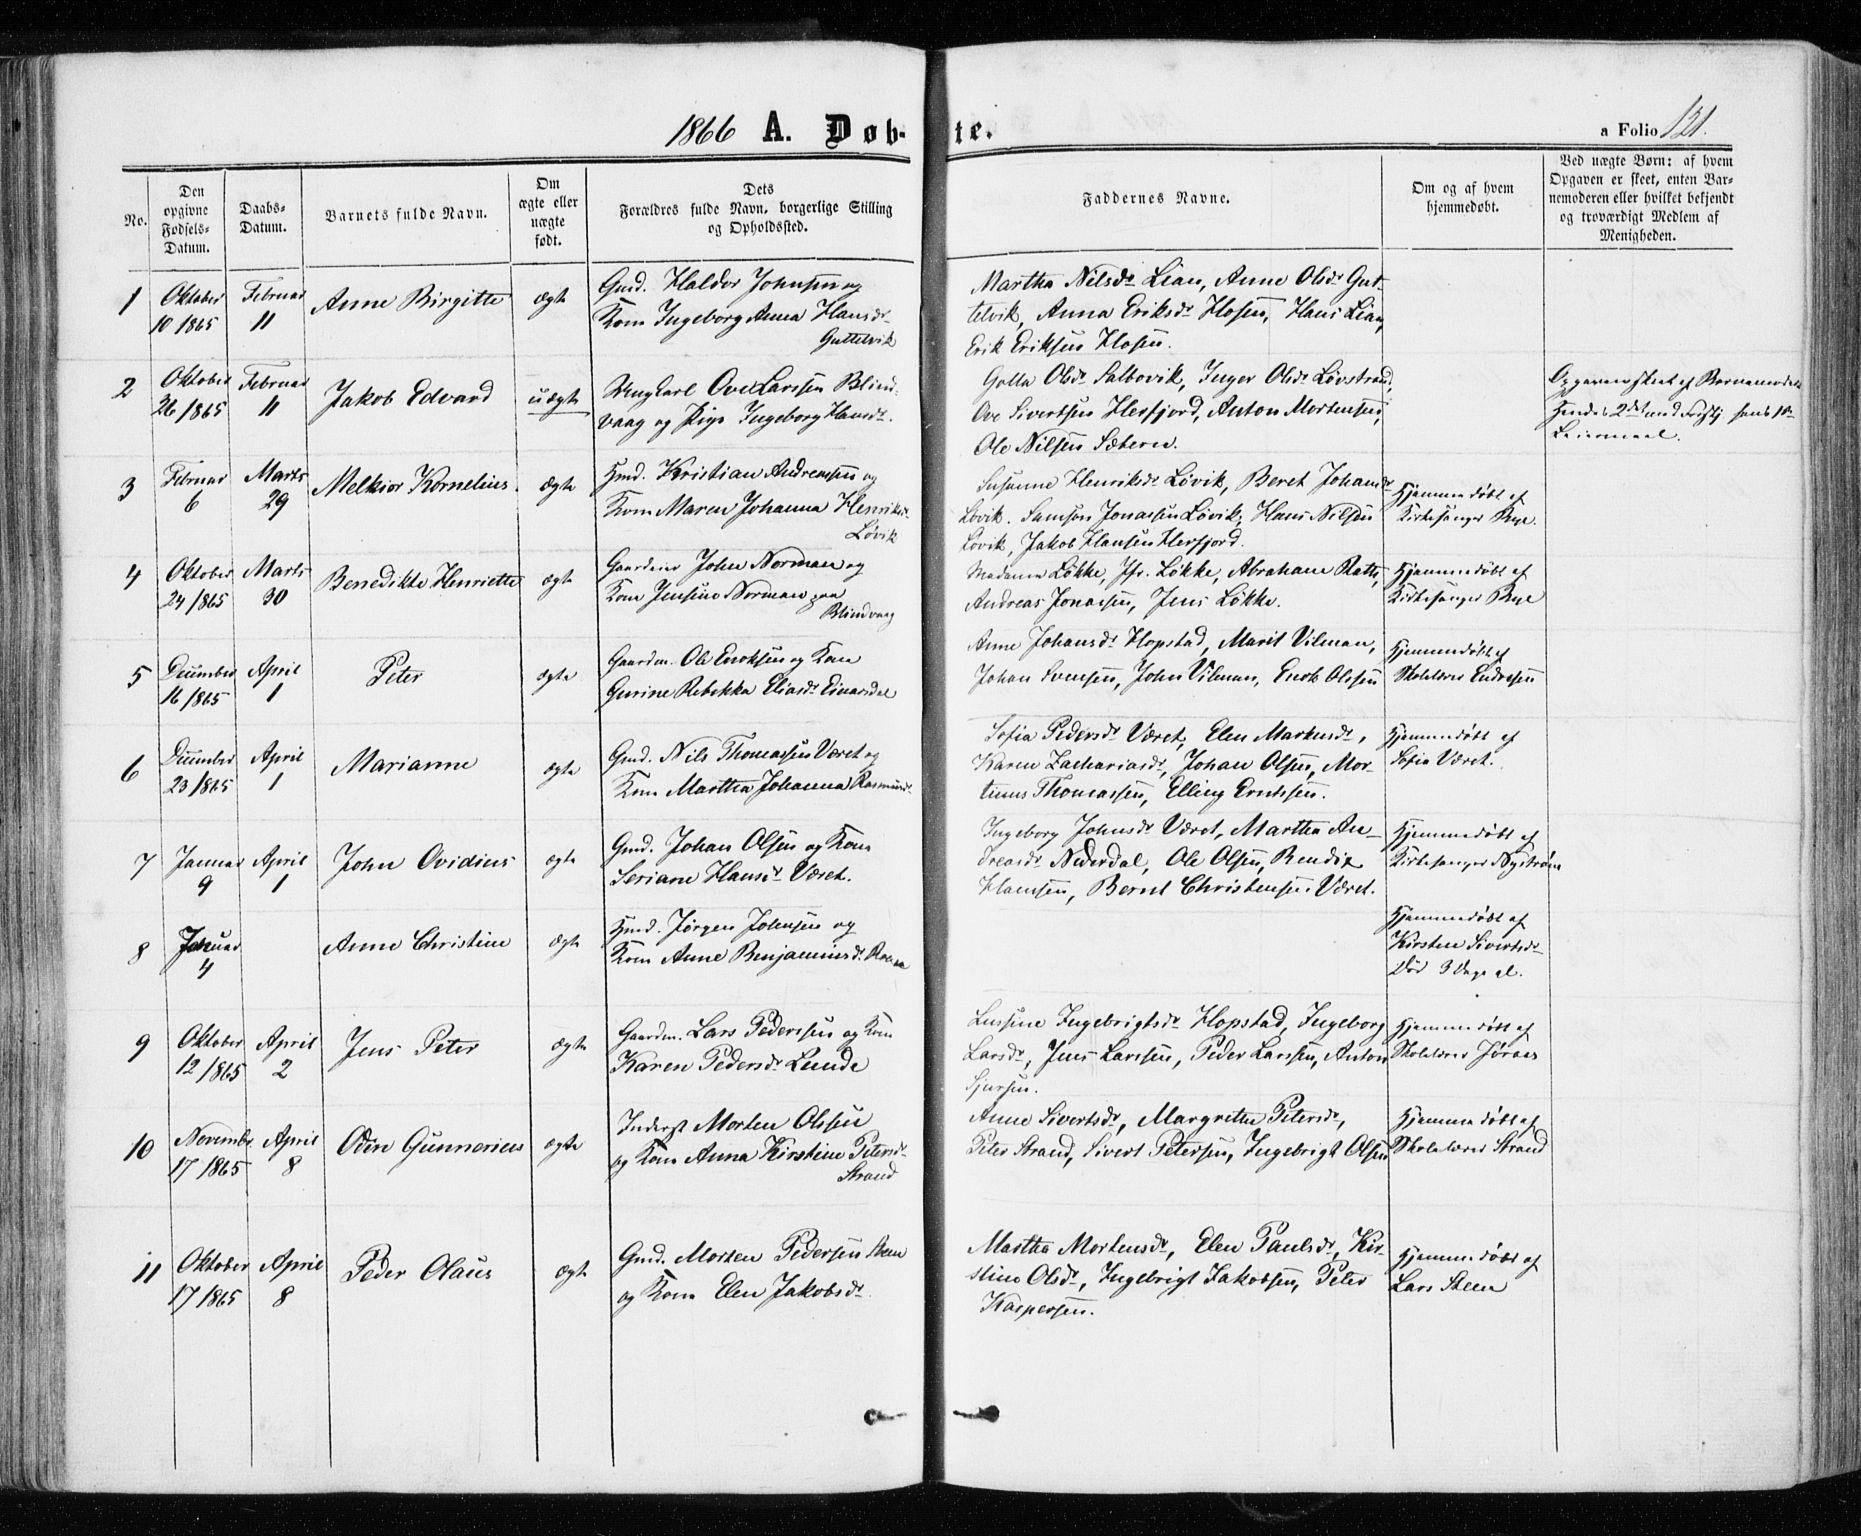 SAT, Ministerialprotokoller, klokkerbøker og fødselsregistre - Sør-Trøndelag, 657/L0705: Ministerialbok nr. 657A06, 1858-1867, s. 121